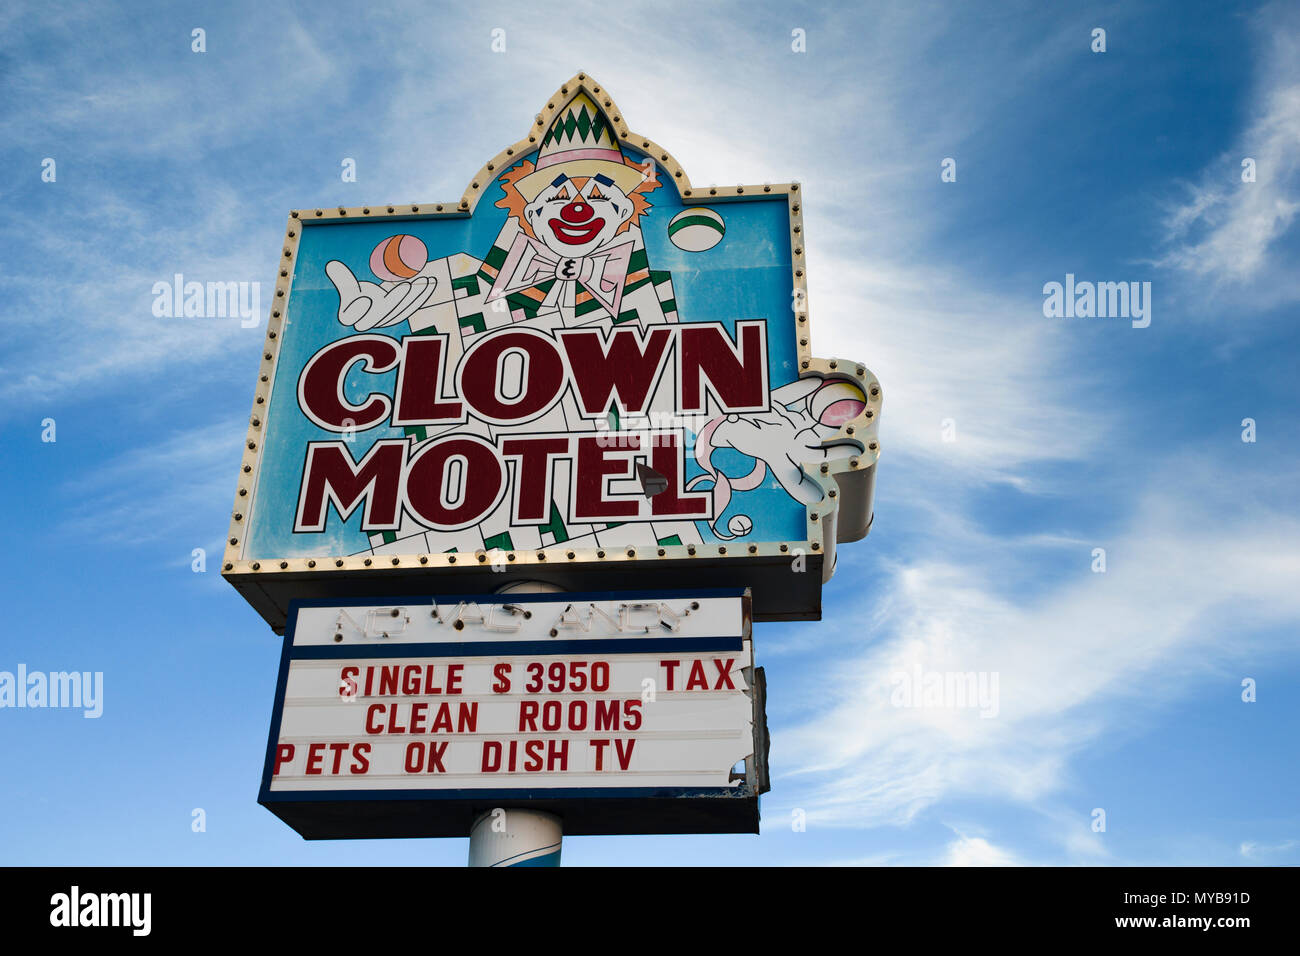 La soi-disant et creepy Clown Motel hanté dans l'ancienne ville minière de Tonopah, Nevada, en Amérique du Nord. Photo Stock